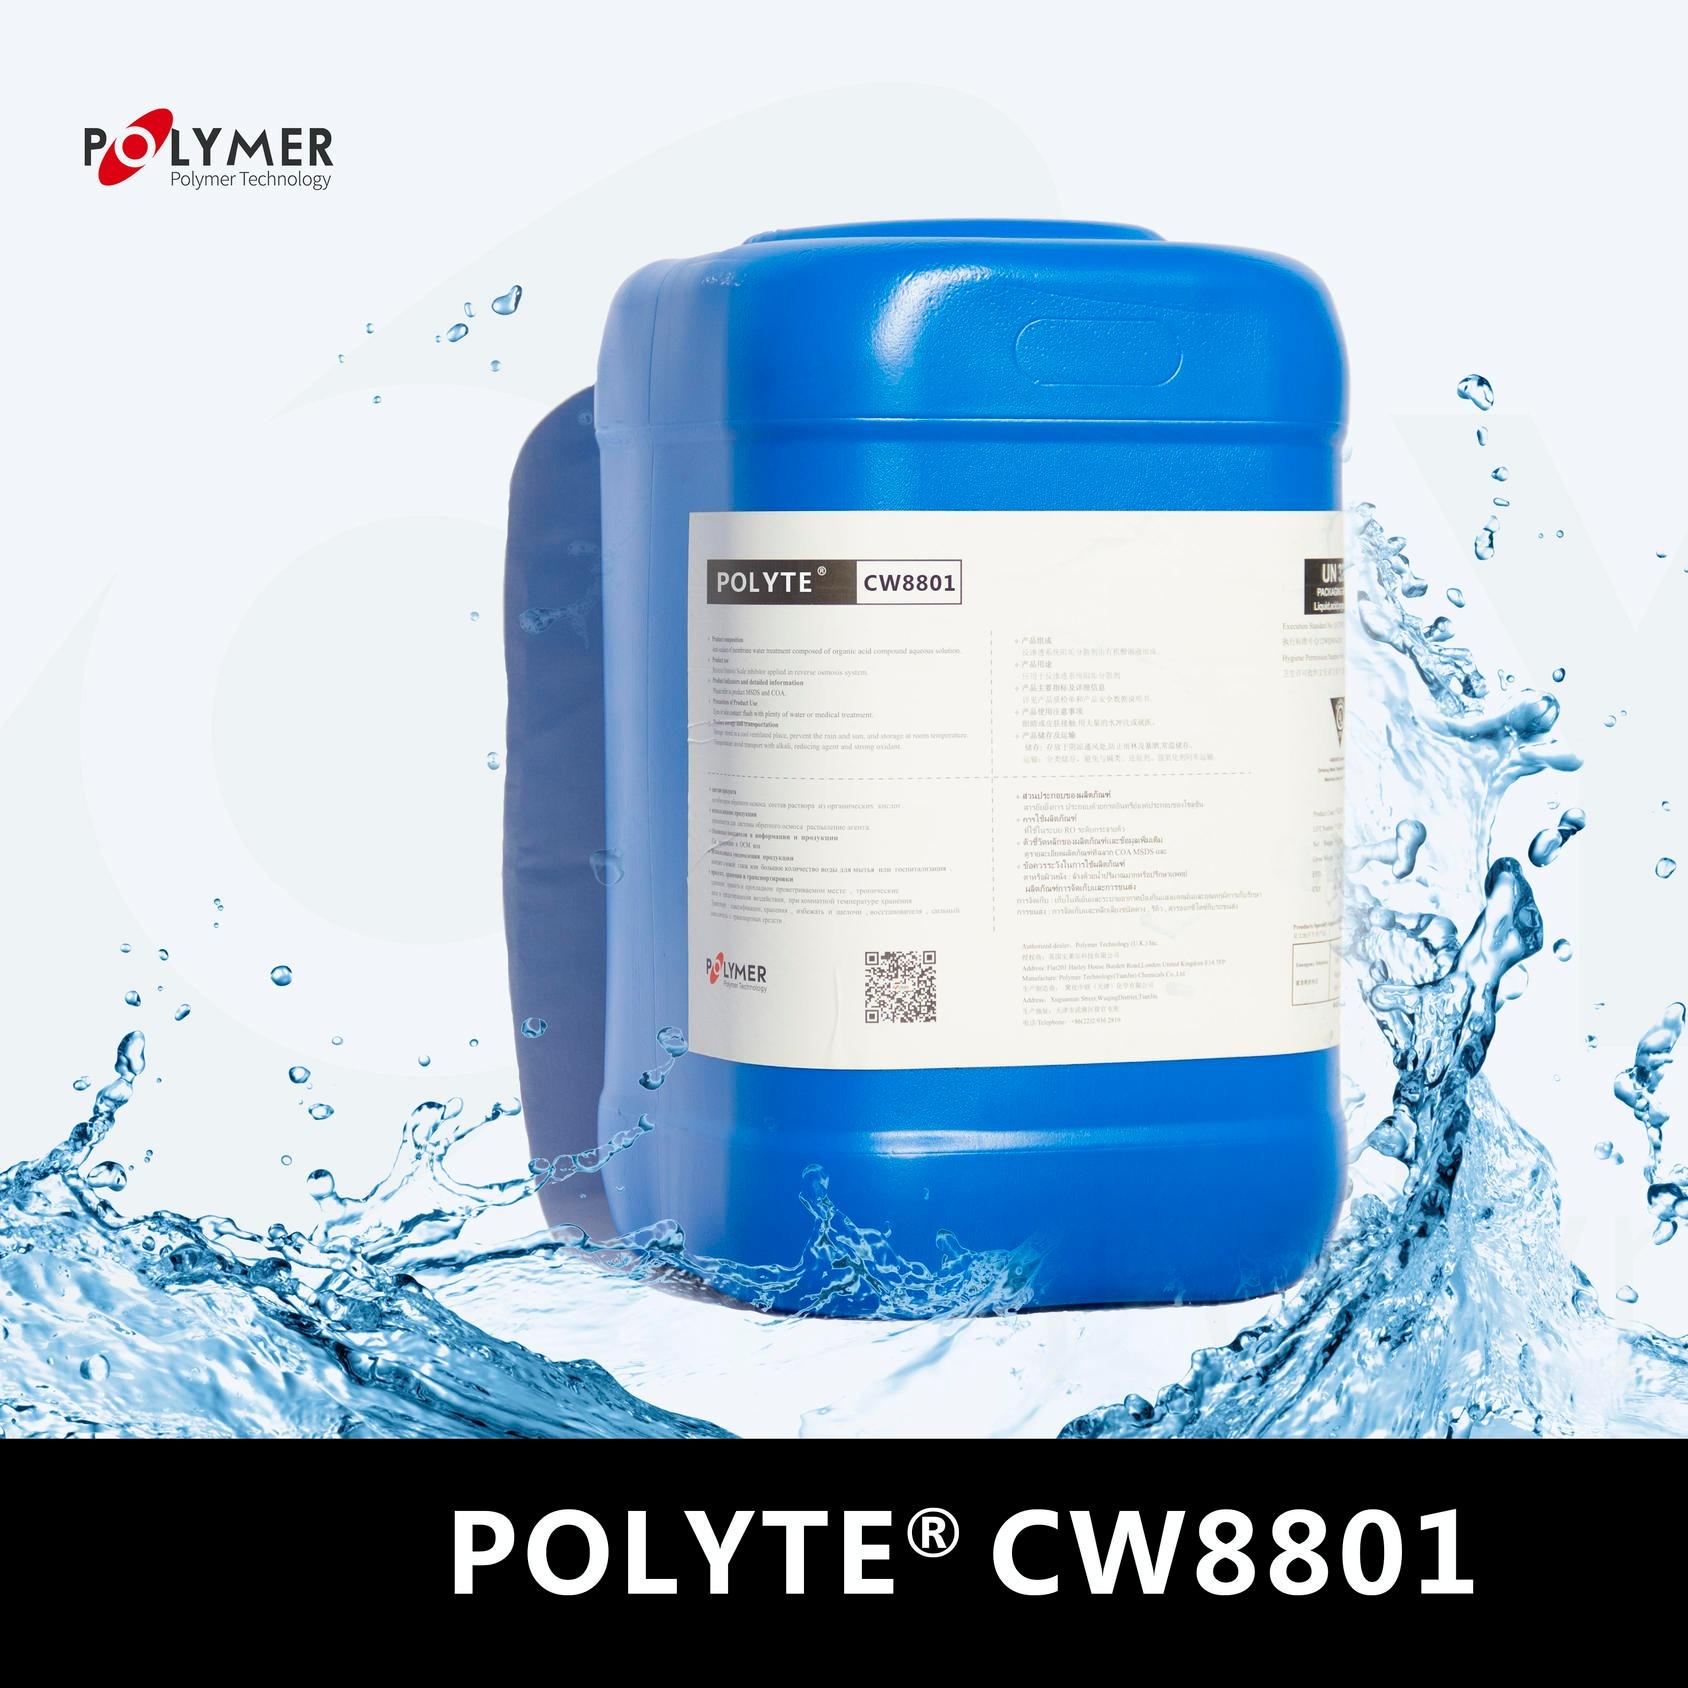 宝莱尔 杀菌灭藻剂POLYTE  CW8801 英国POLYMER品牌 厂家直供 价格详谈